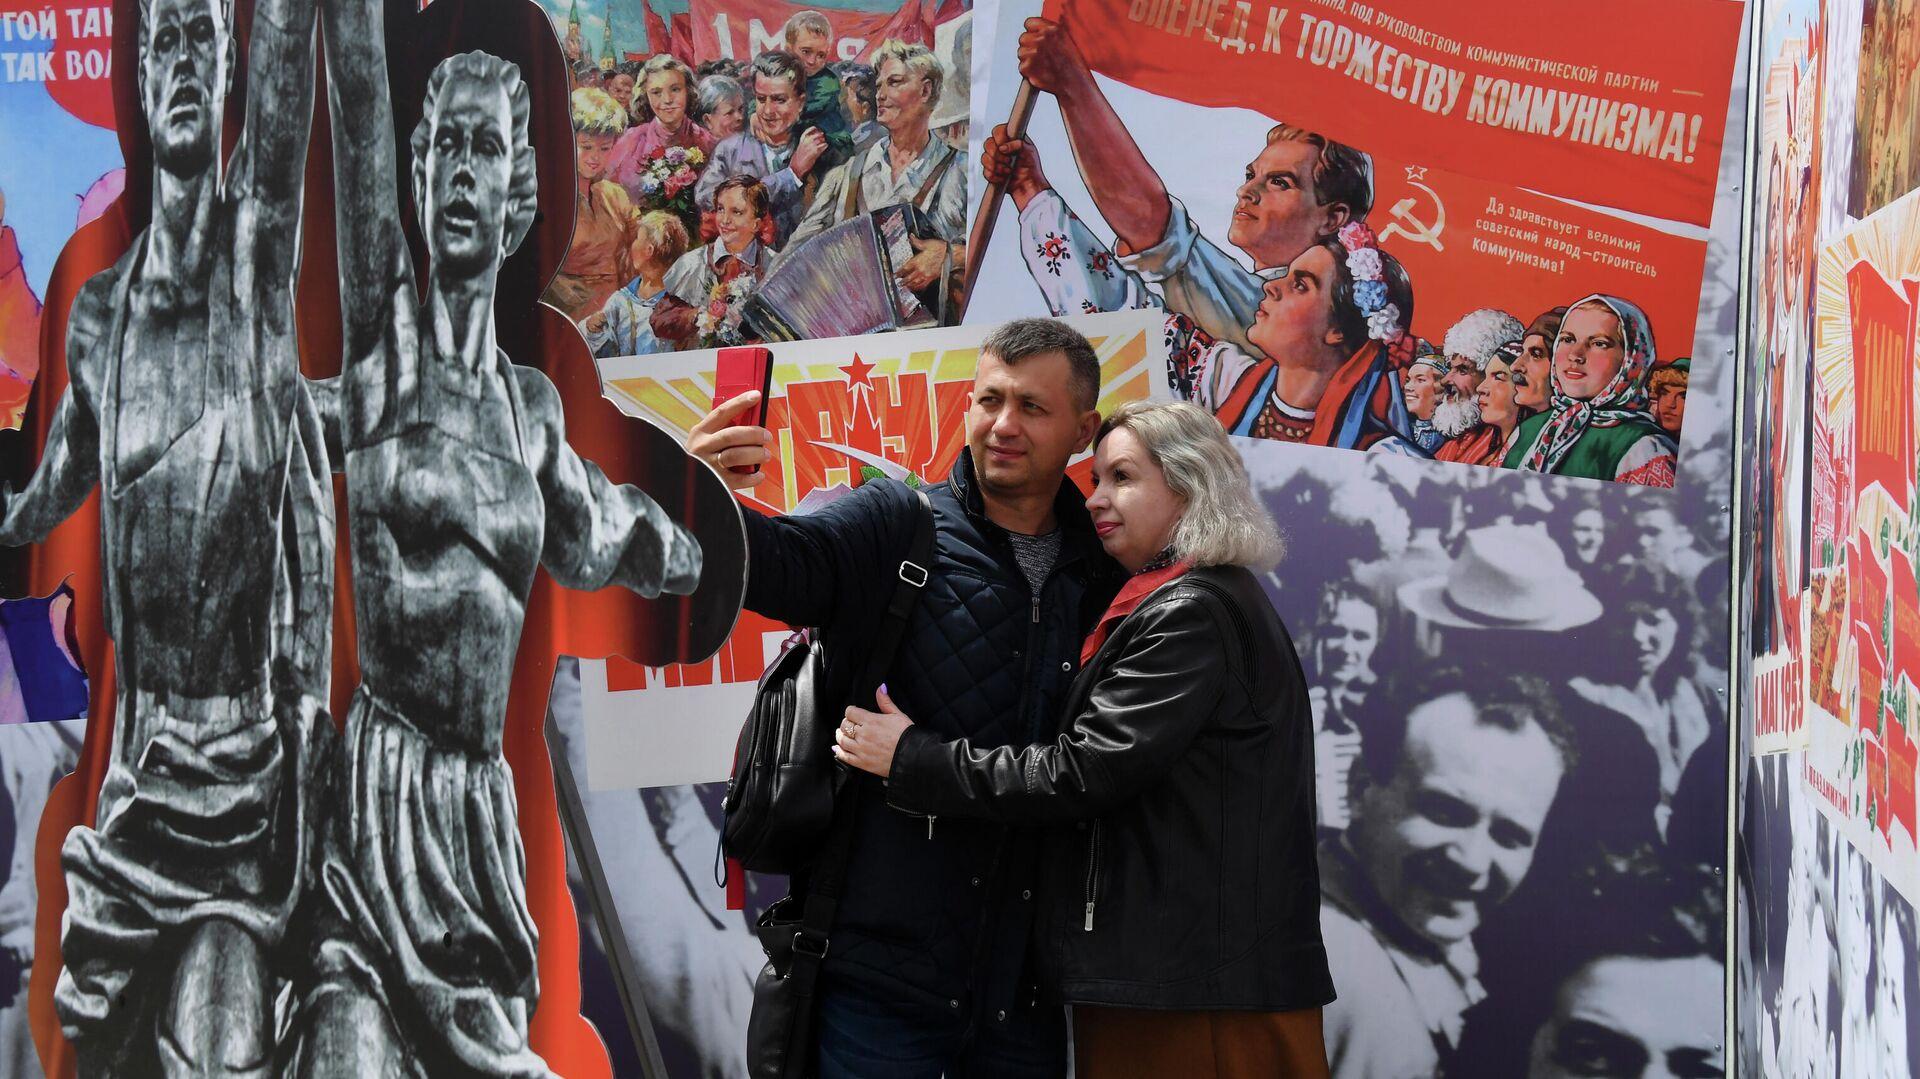 La gente se toma fotos frente a los carteles soviéticos para la fiesta del 1 de mayo - Sputnik Mundo, 1920, 01.05.2021